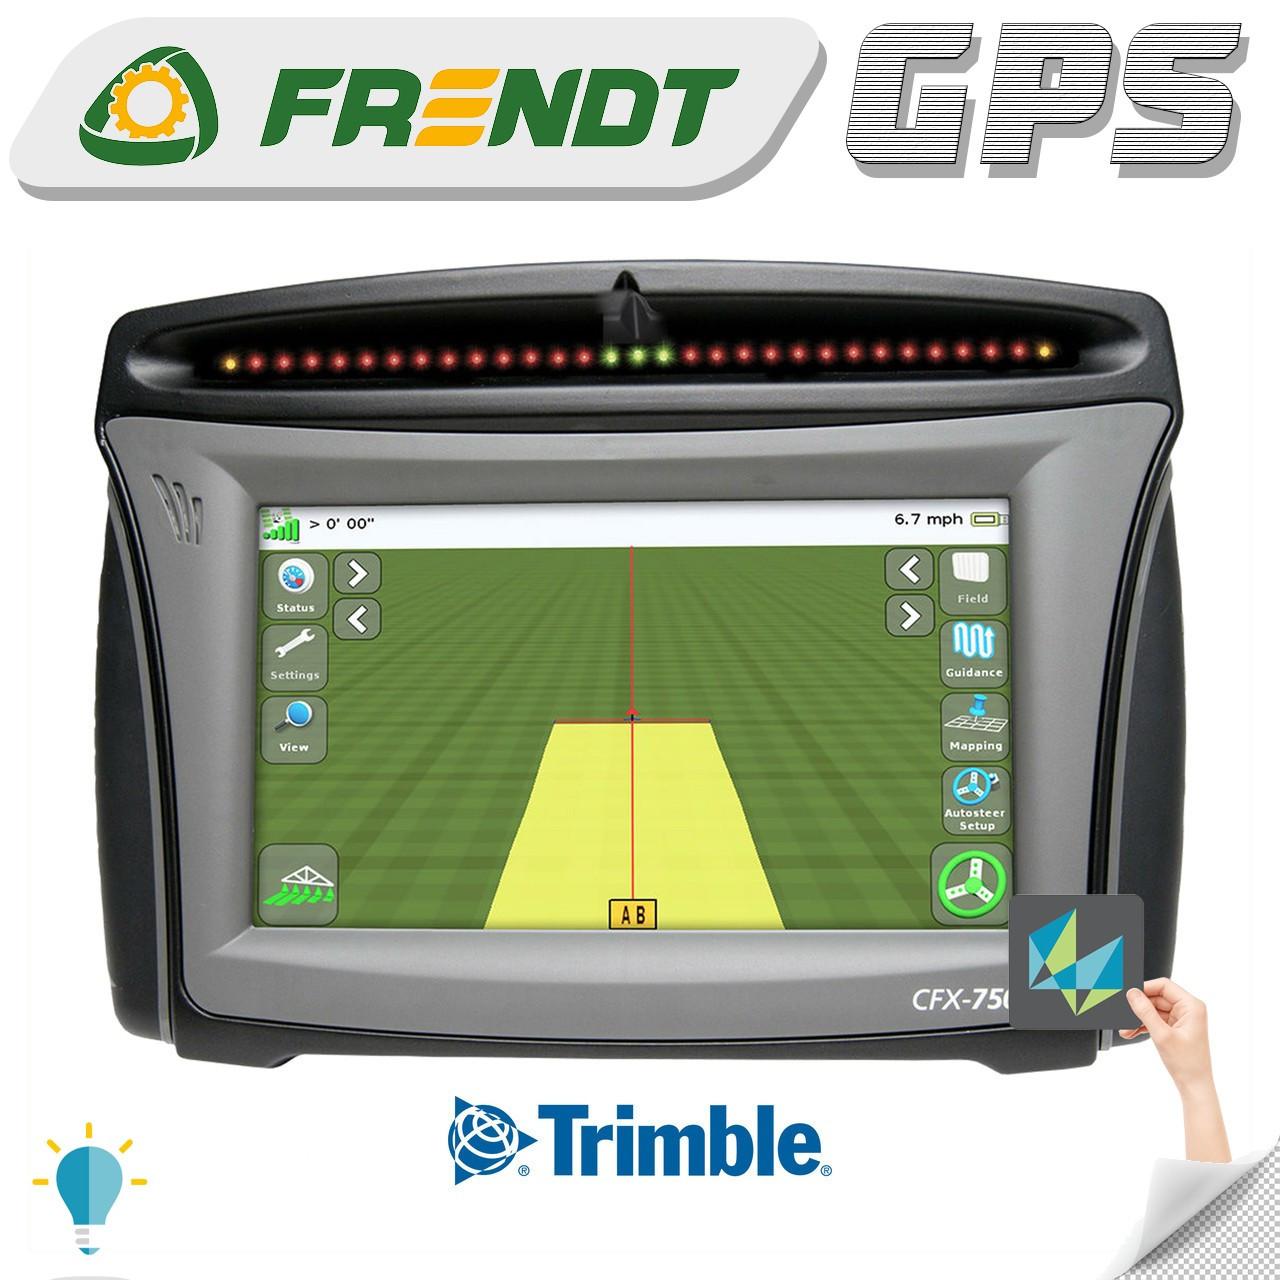 Gps навігатор для трактора (навігатор для поля, сільгосп навігатор) Trimble CFX 750